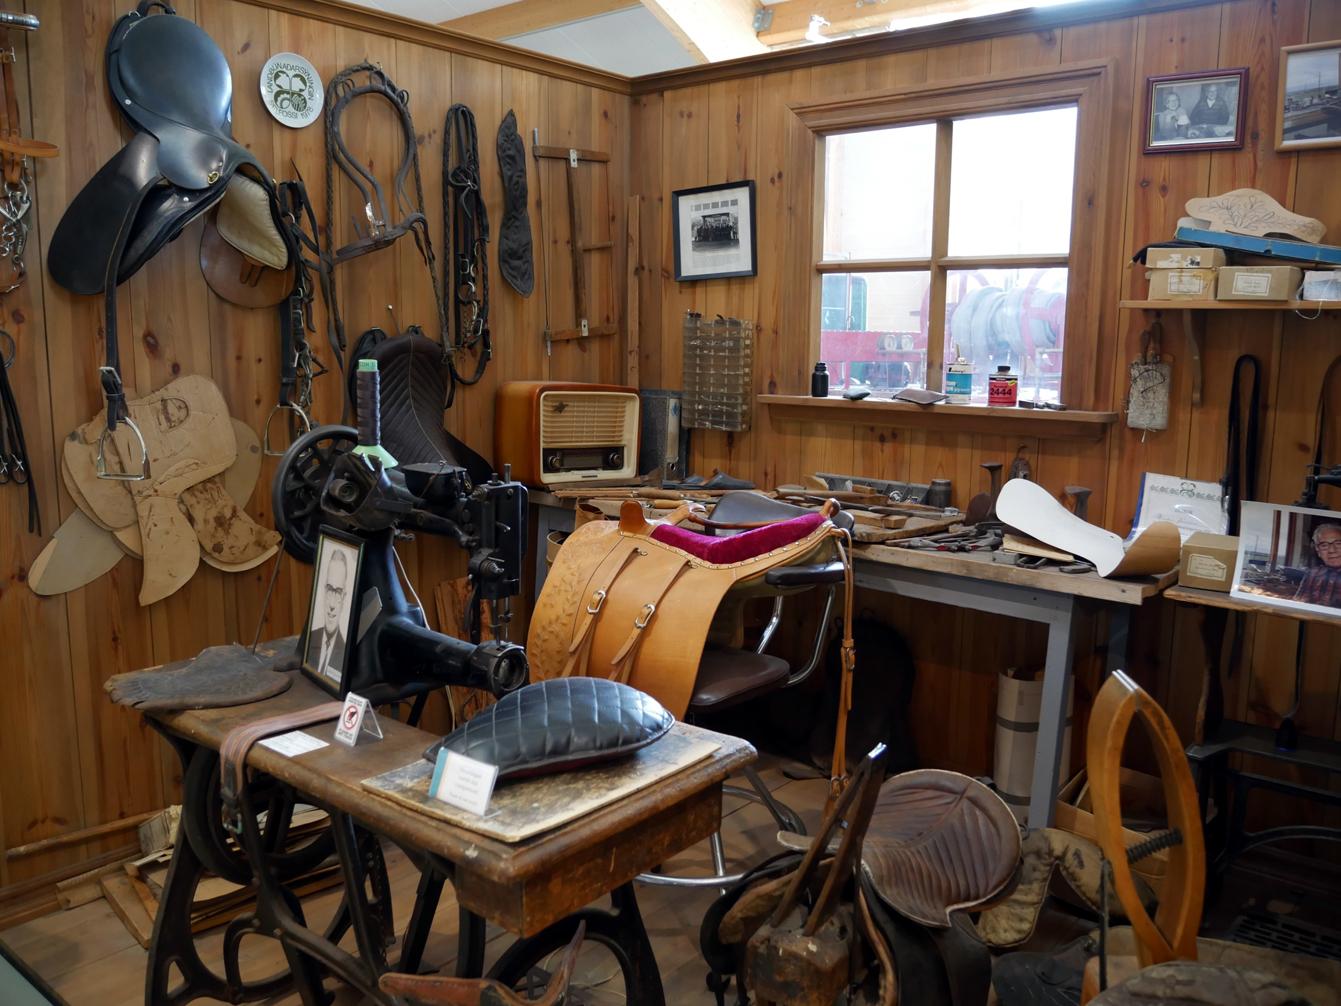 Musée de Skogar : histoire, techniques et traditions de l'Islande